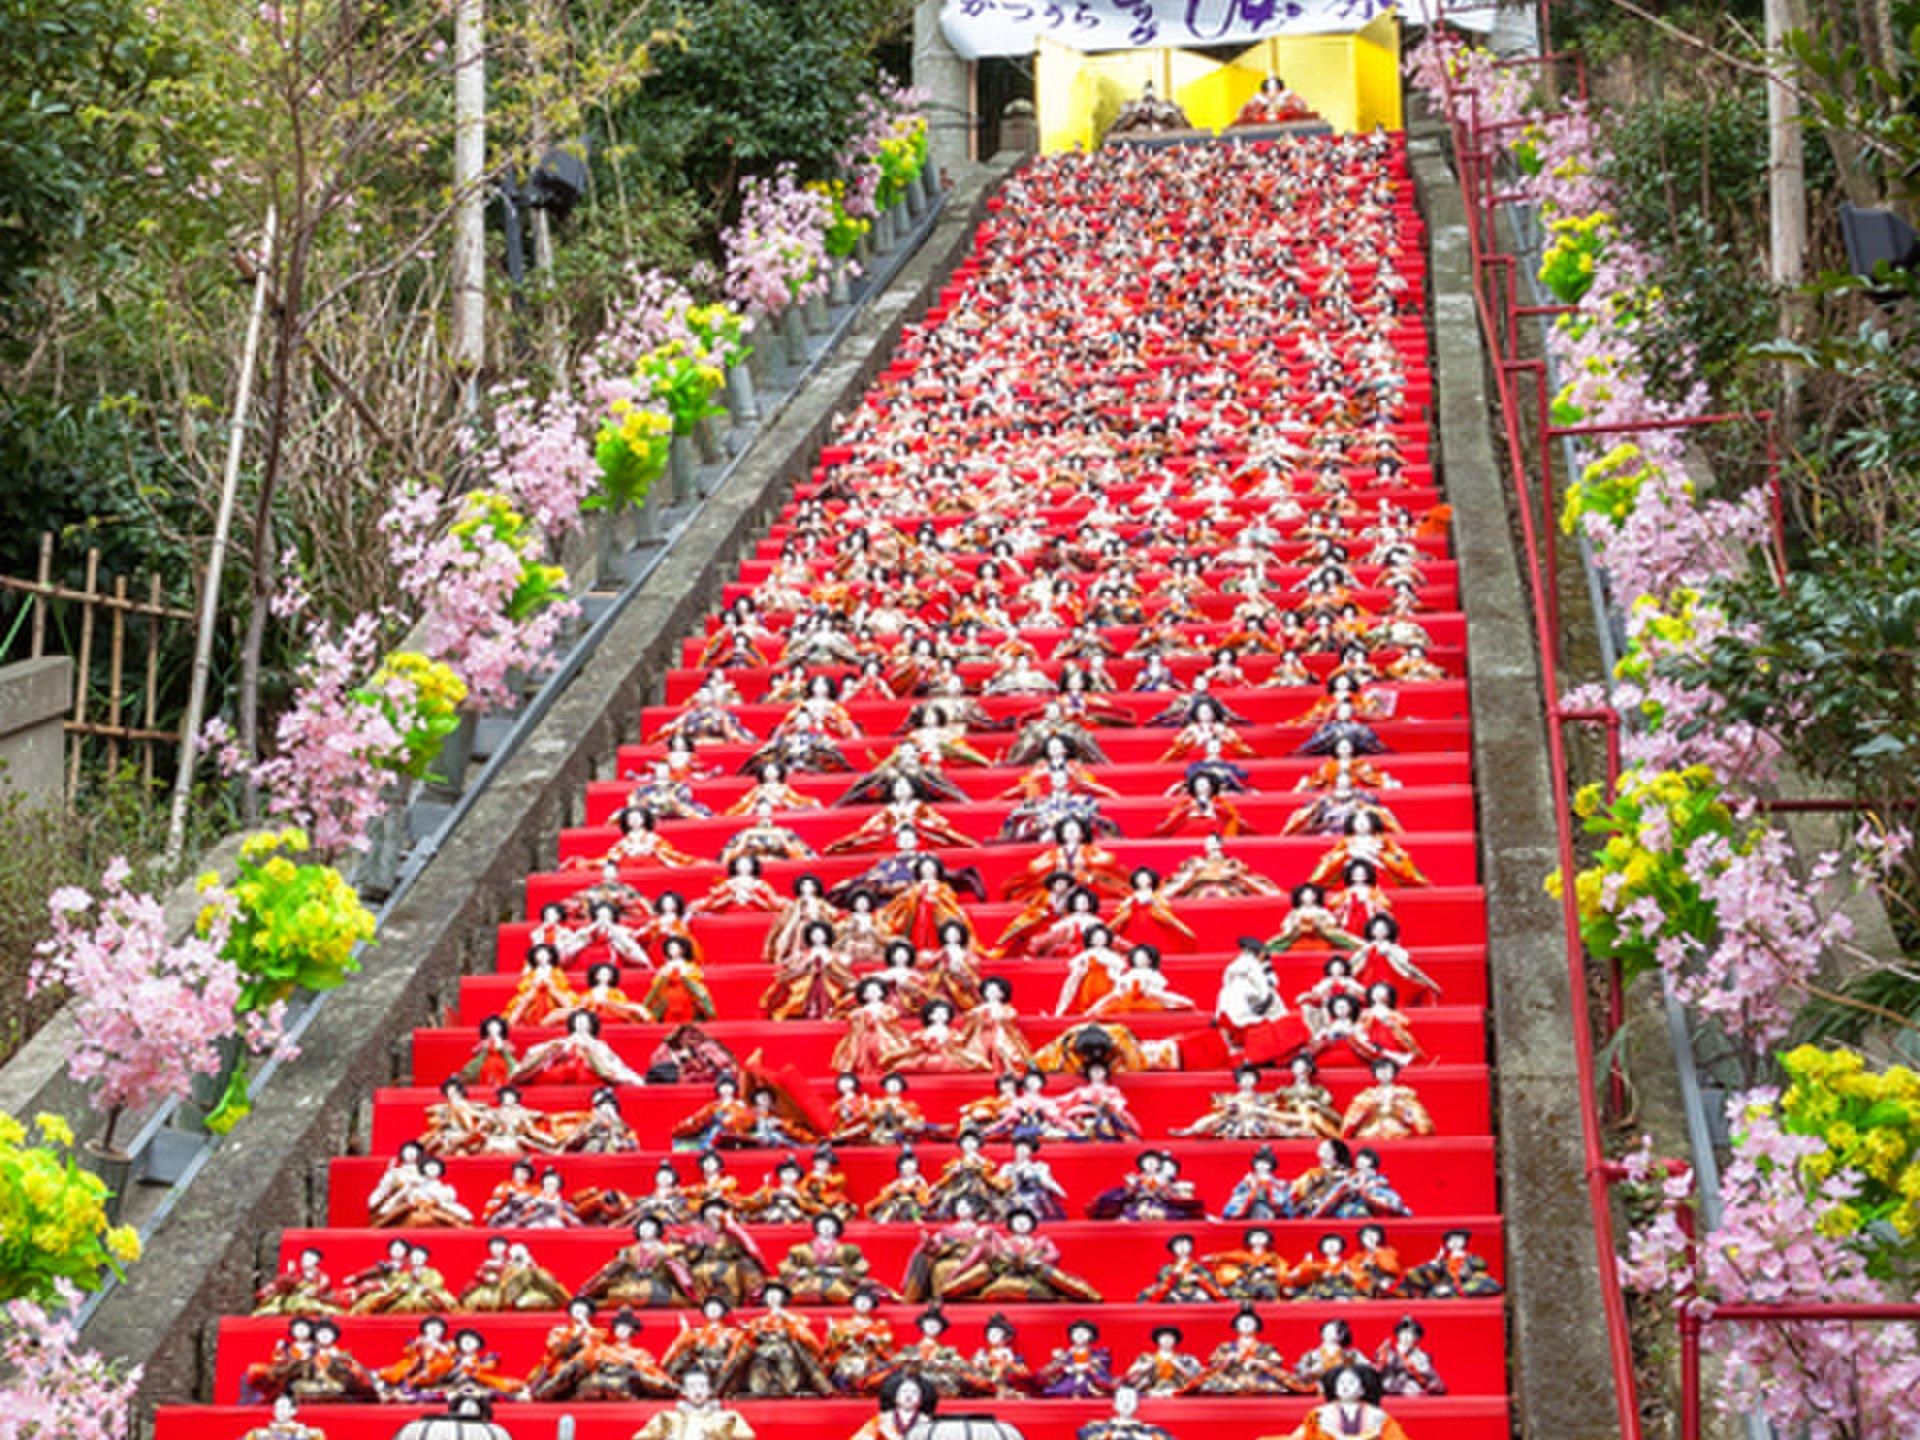 【3月事件很多功能♪]玩偶景點的信息,賞花點, 春天斷裂的旅行計劃!讓我們在三月玩tokoton☆